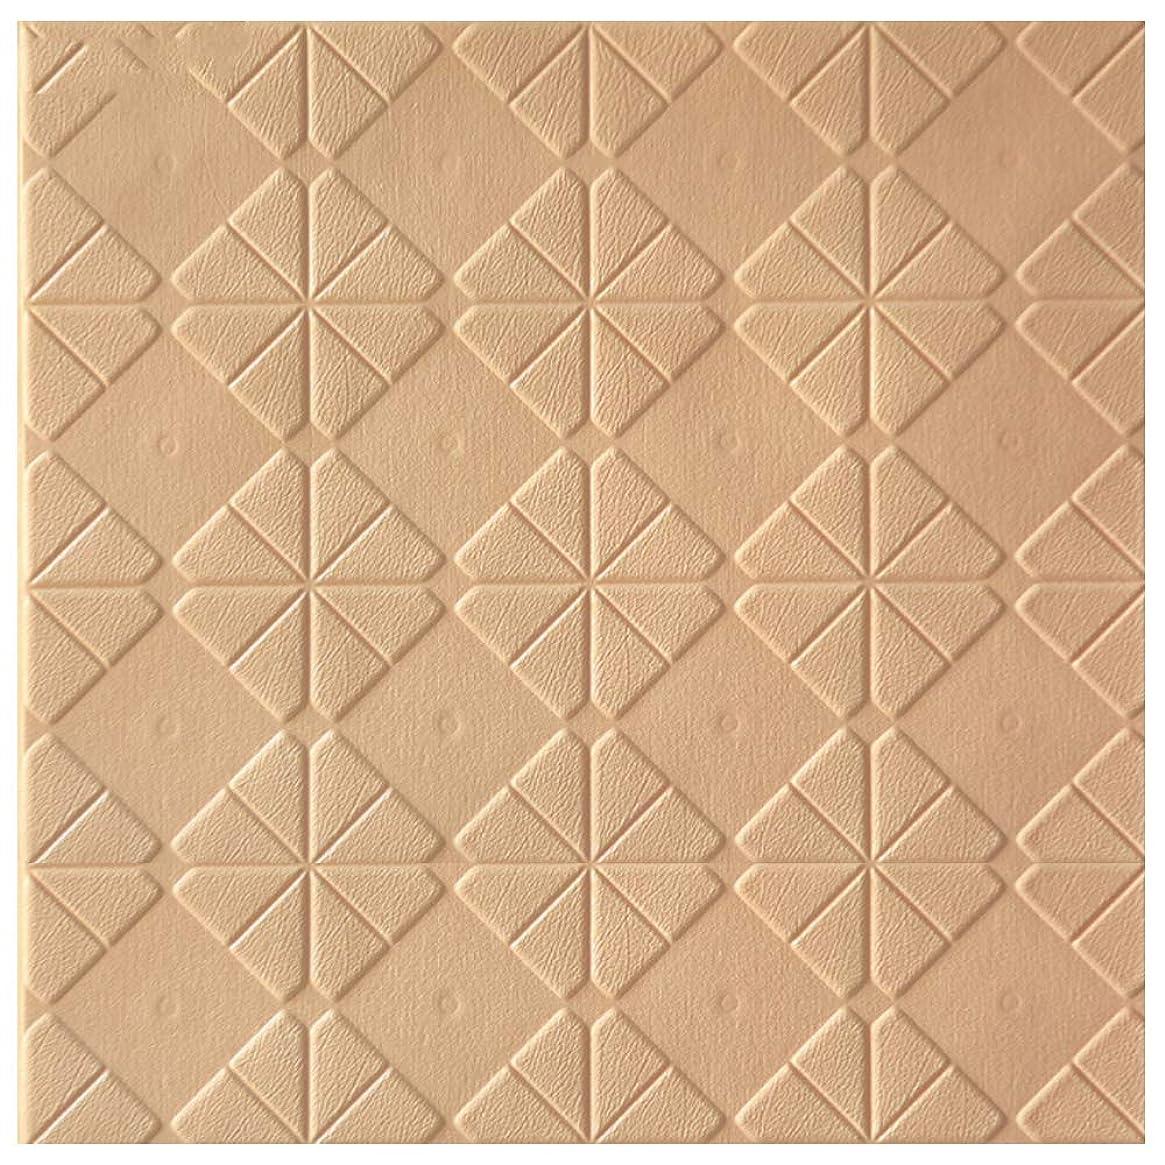 判読できない男ブレース3D壁パネル自己接着石の外観の壁紙耐水性レンガ壁デカールPVCコンパクトDIY発泡パネルソフトレンガキッチンリビングルームの家の装飾のための衝突防止壁ステッカー(ホワイト)